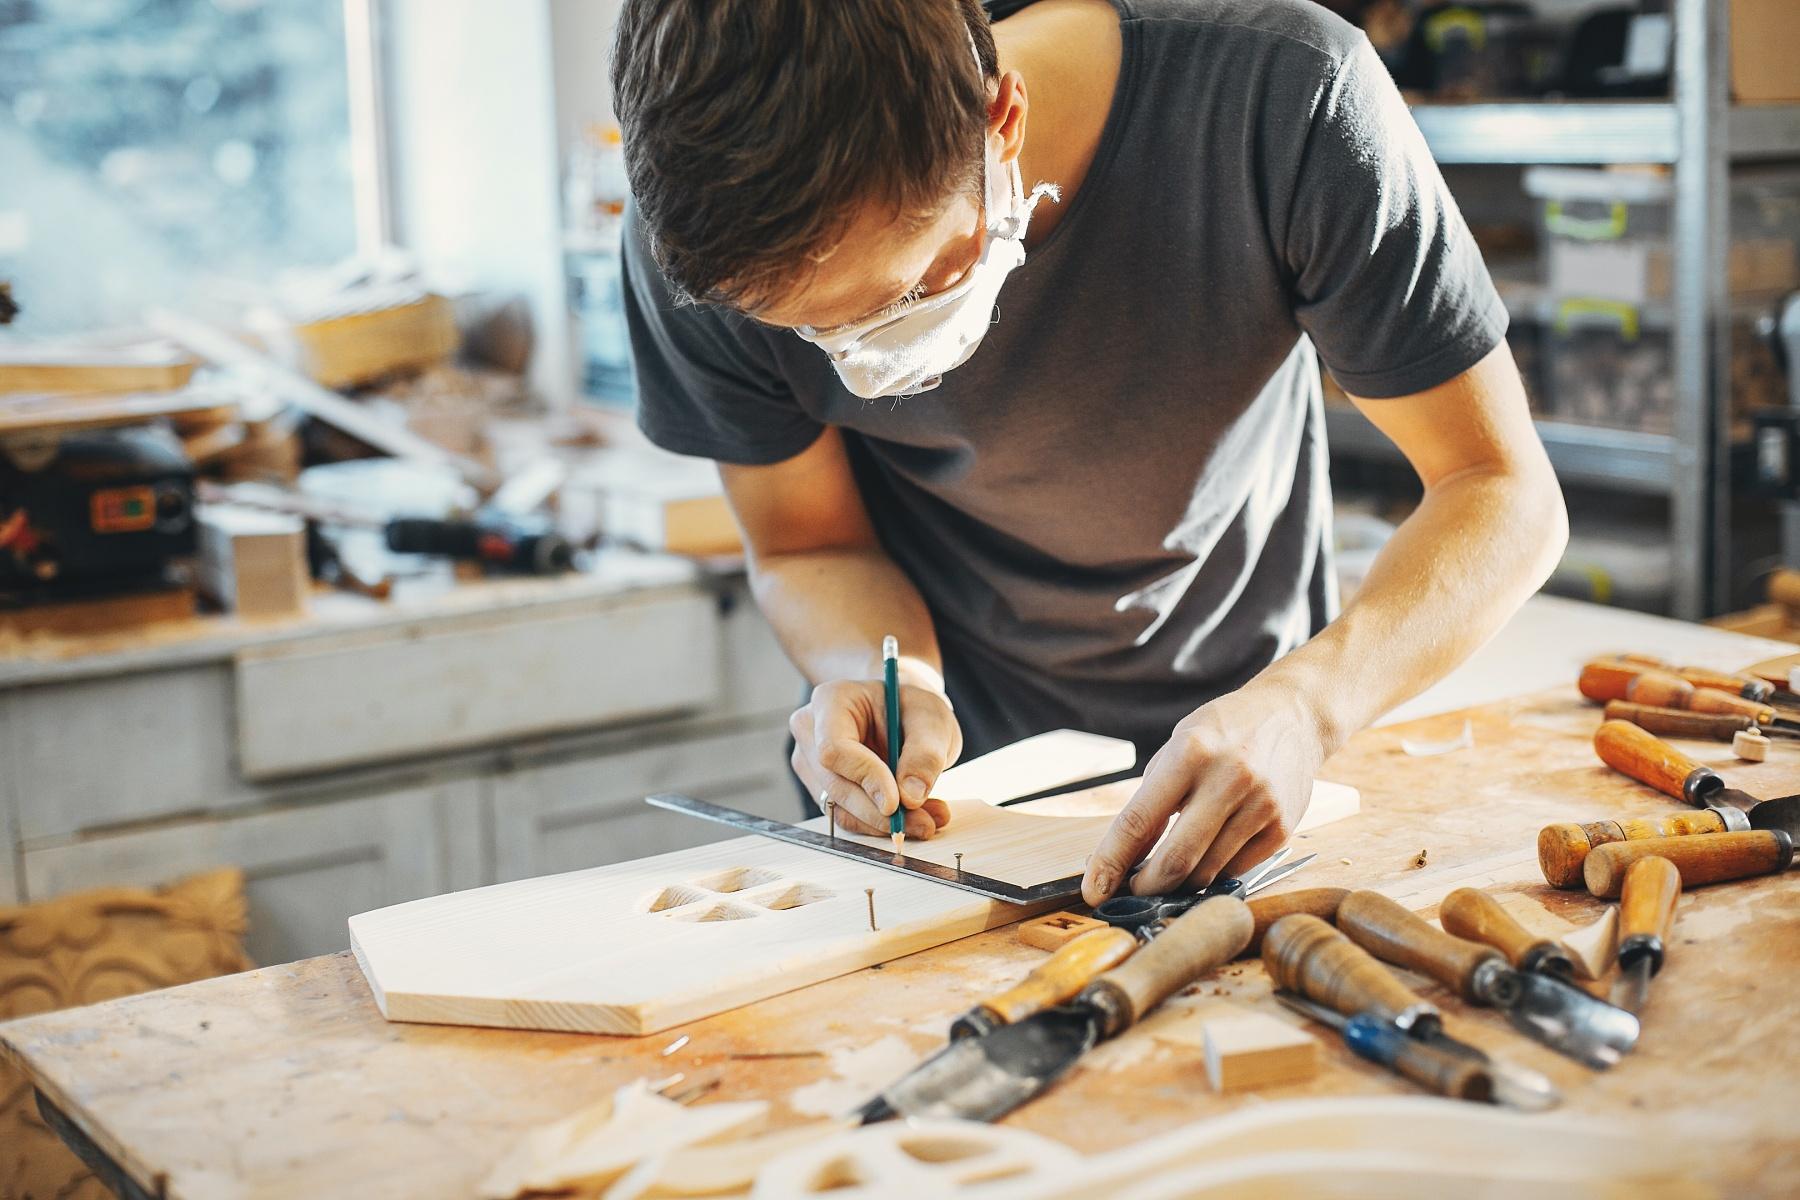 【台中木工體驗推薦】手作療癒木工小物,6間台中木工教室DIY課程評比